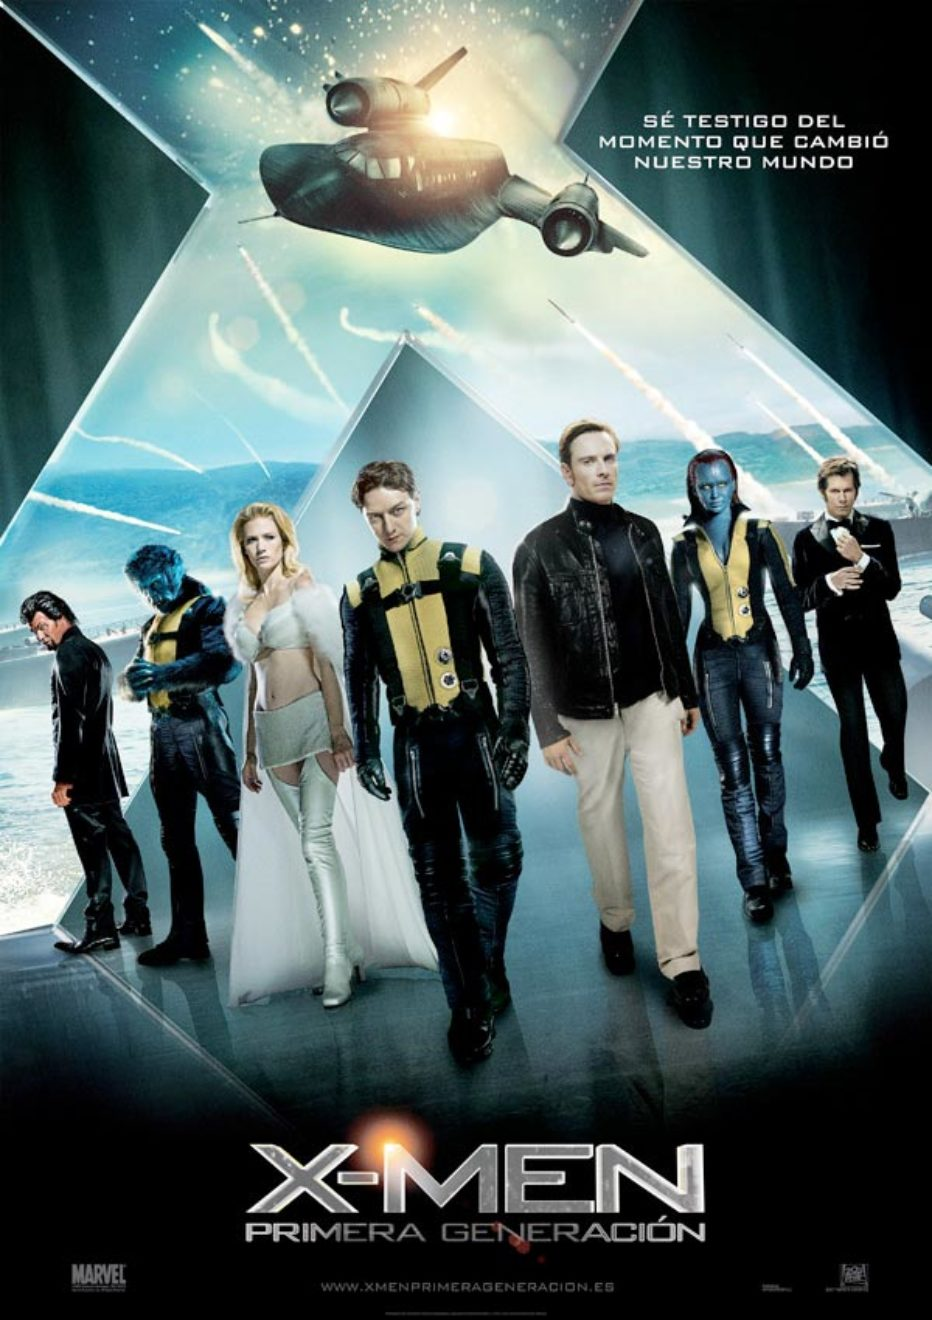 Tweets del día: Matthew Vaughn toma el mando de X-men